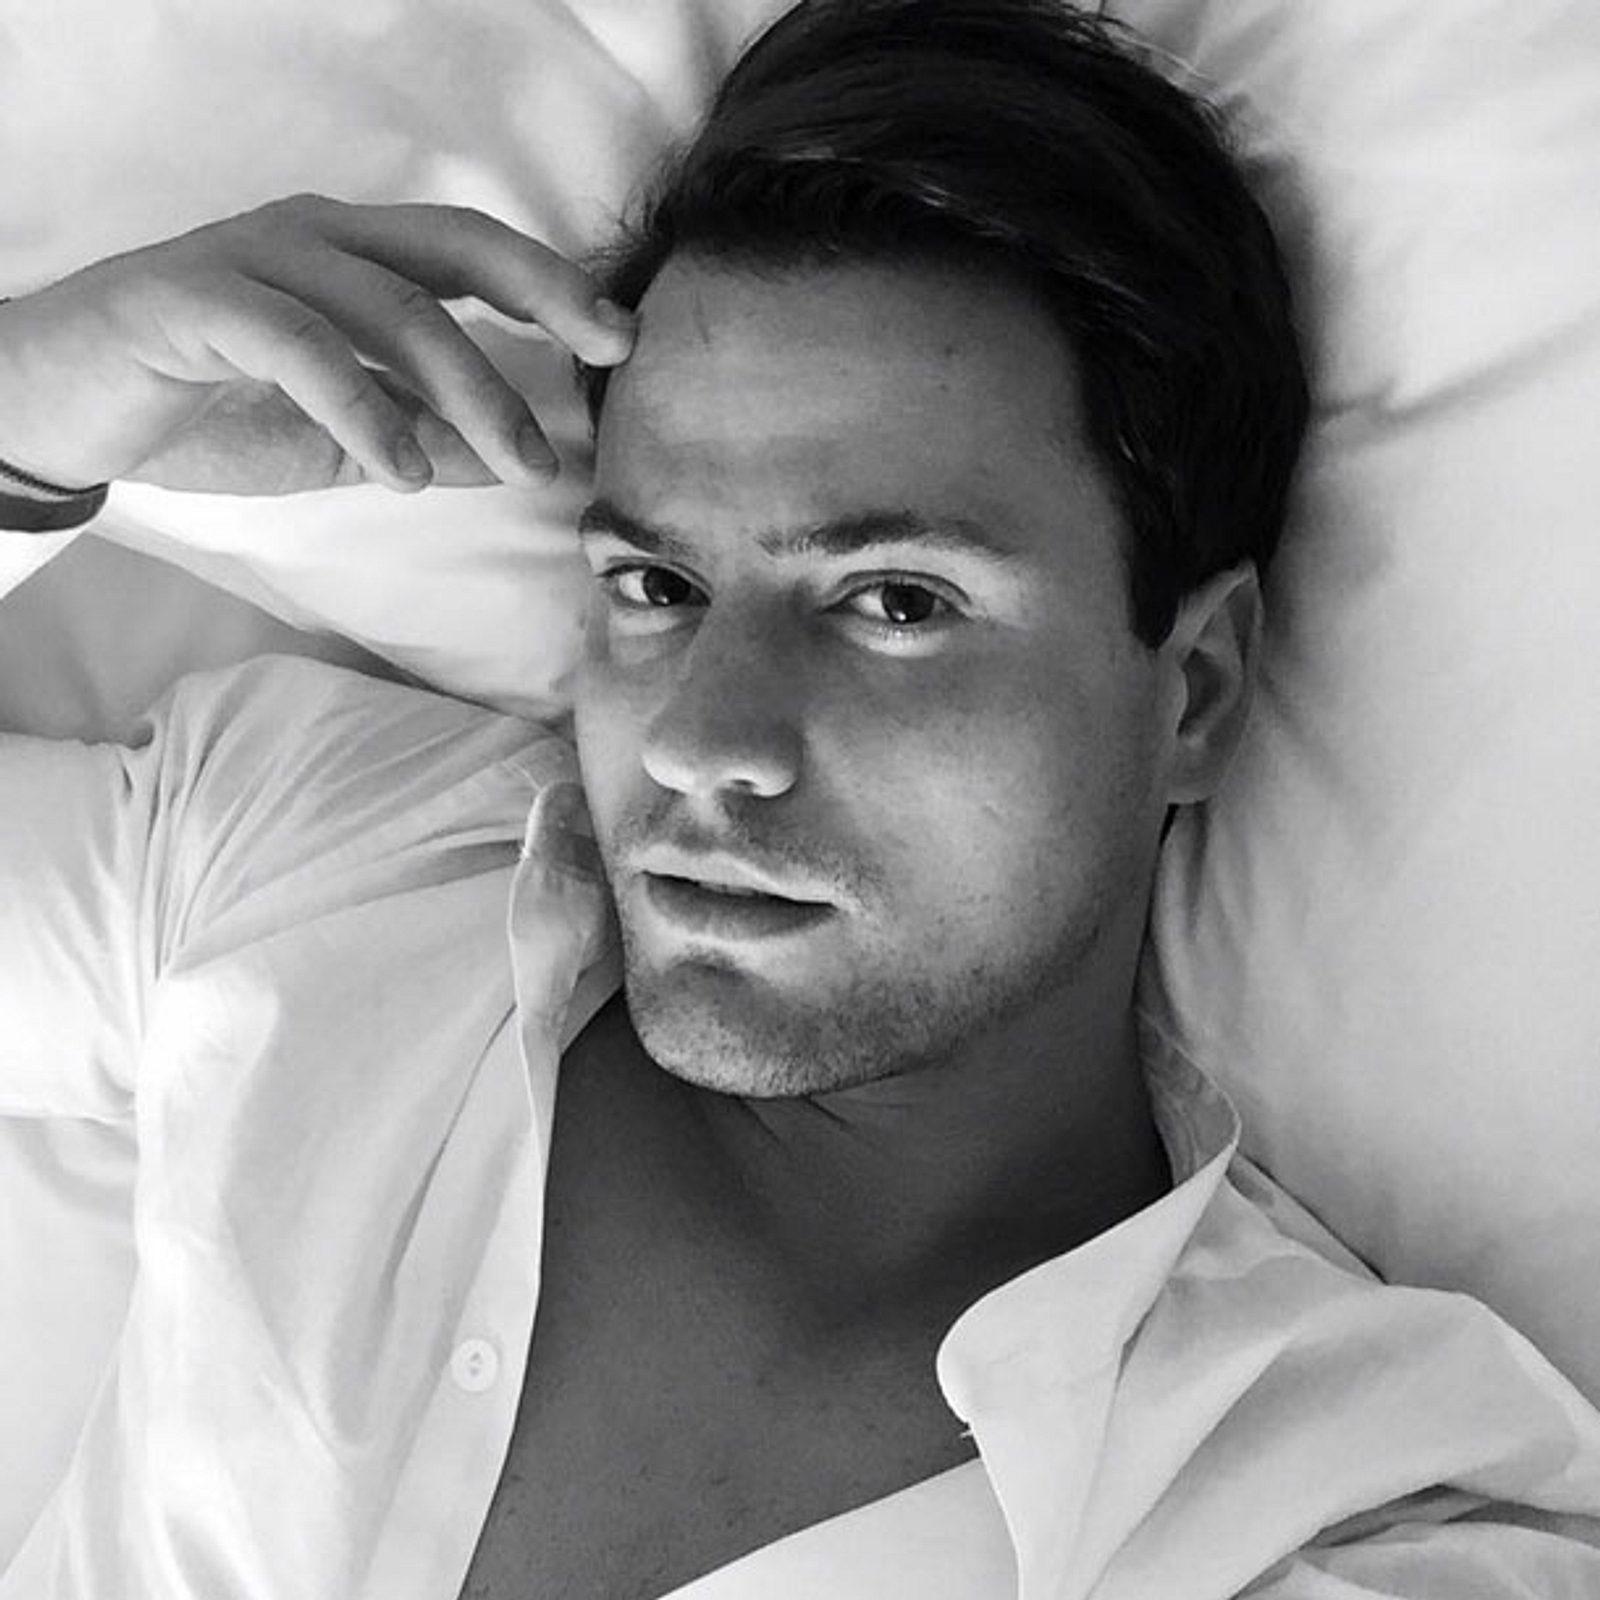 Rocco Stark: Romantisches Video mit seiner Ex-Freundin